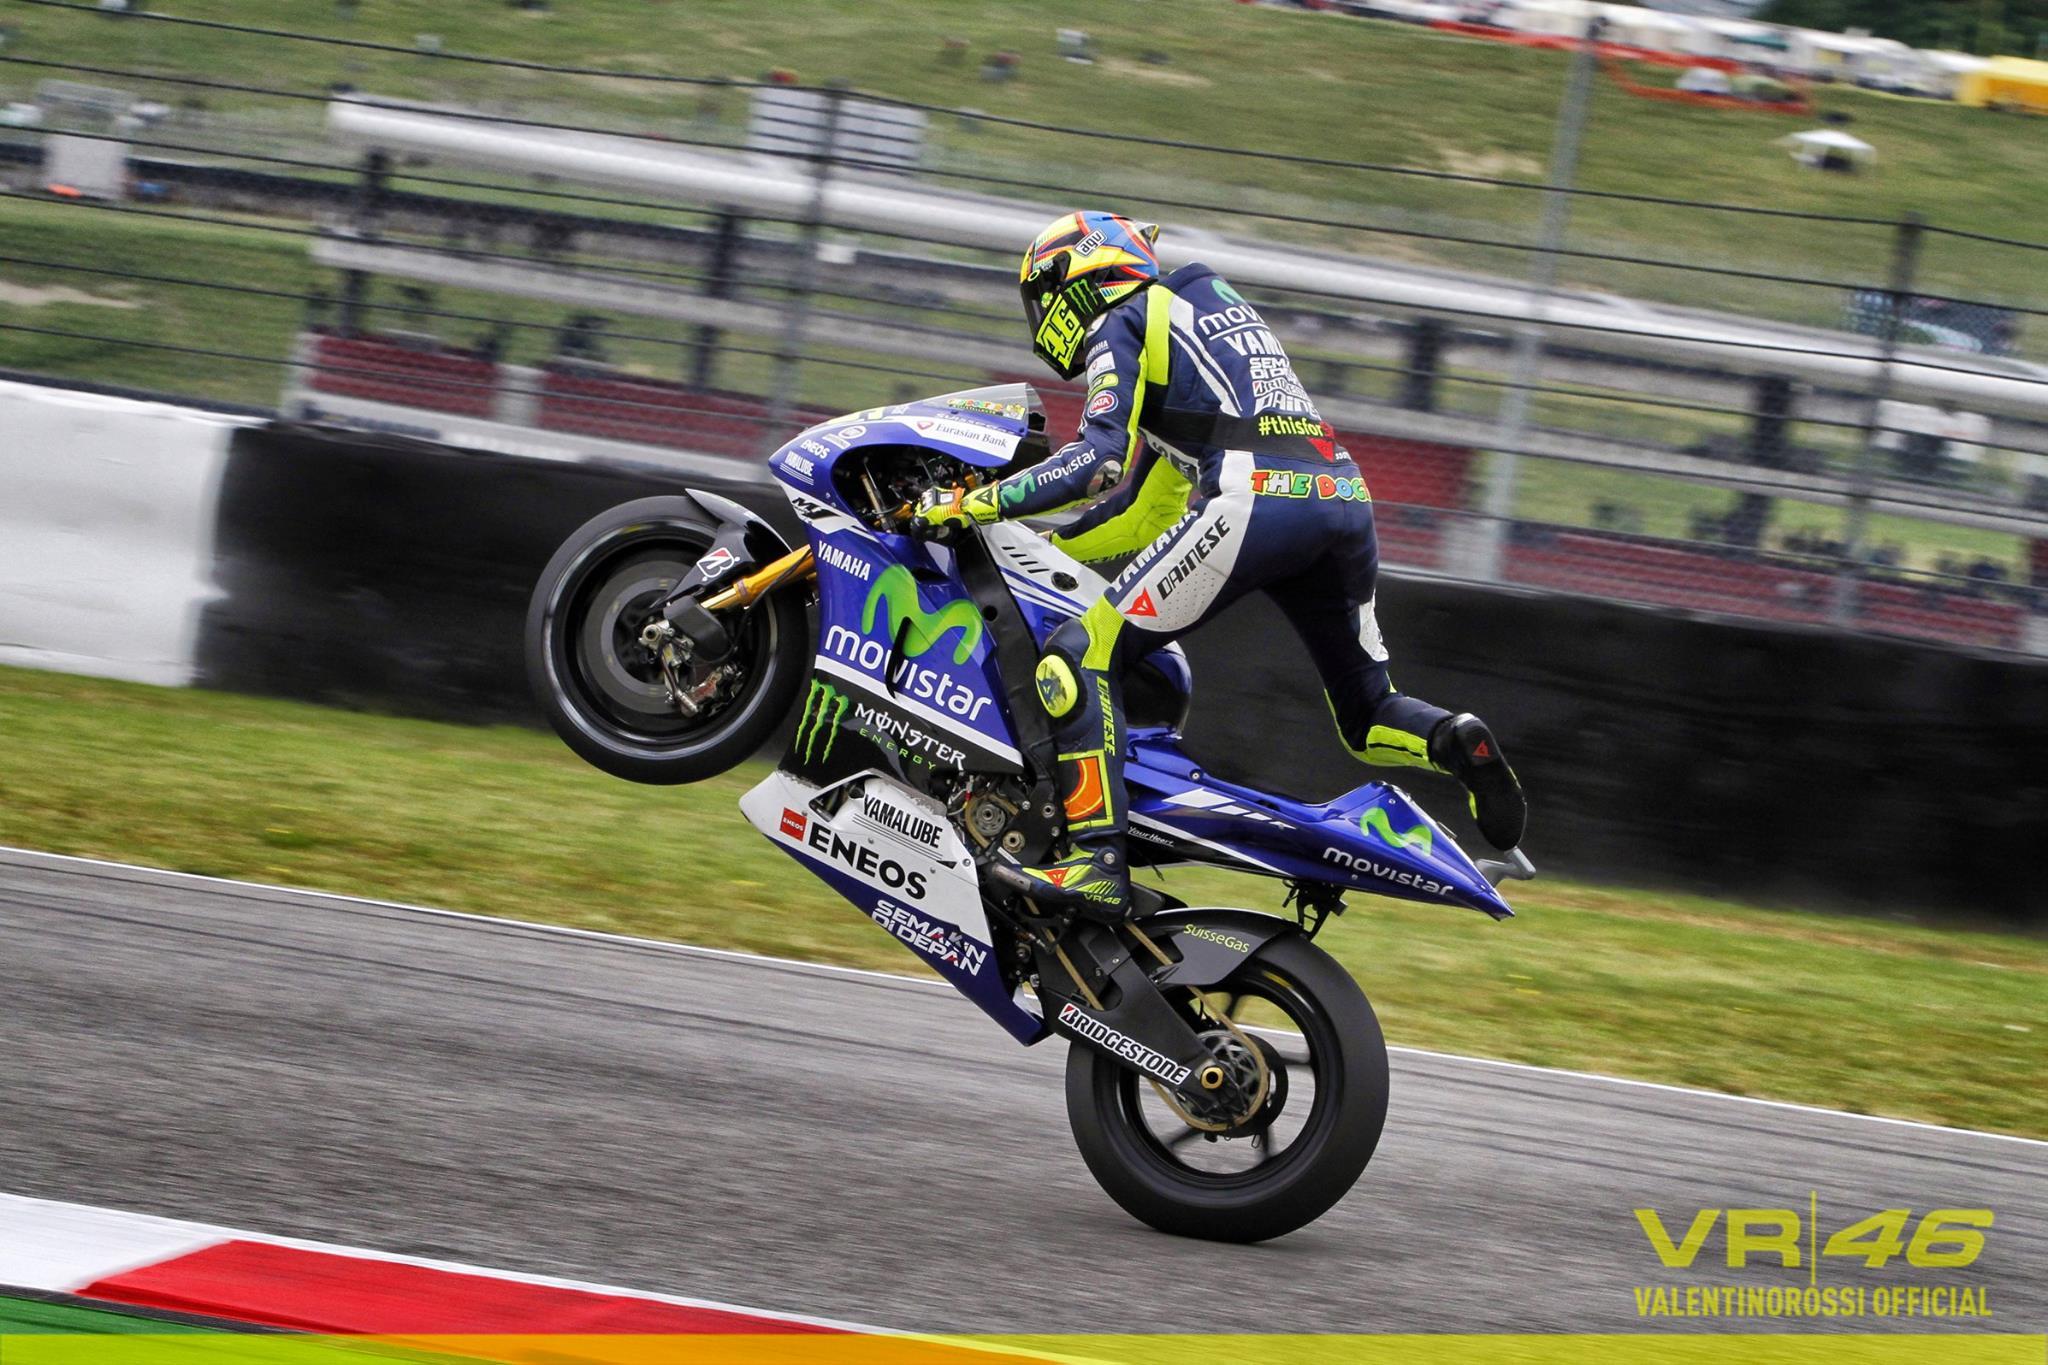 Valentino Rossi 2048x1365